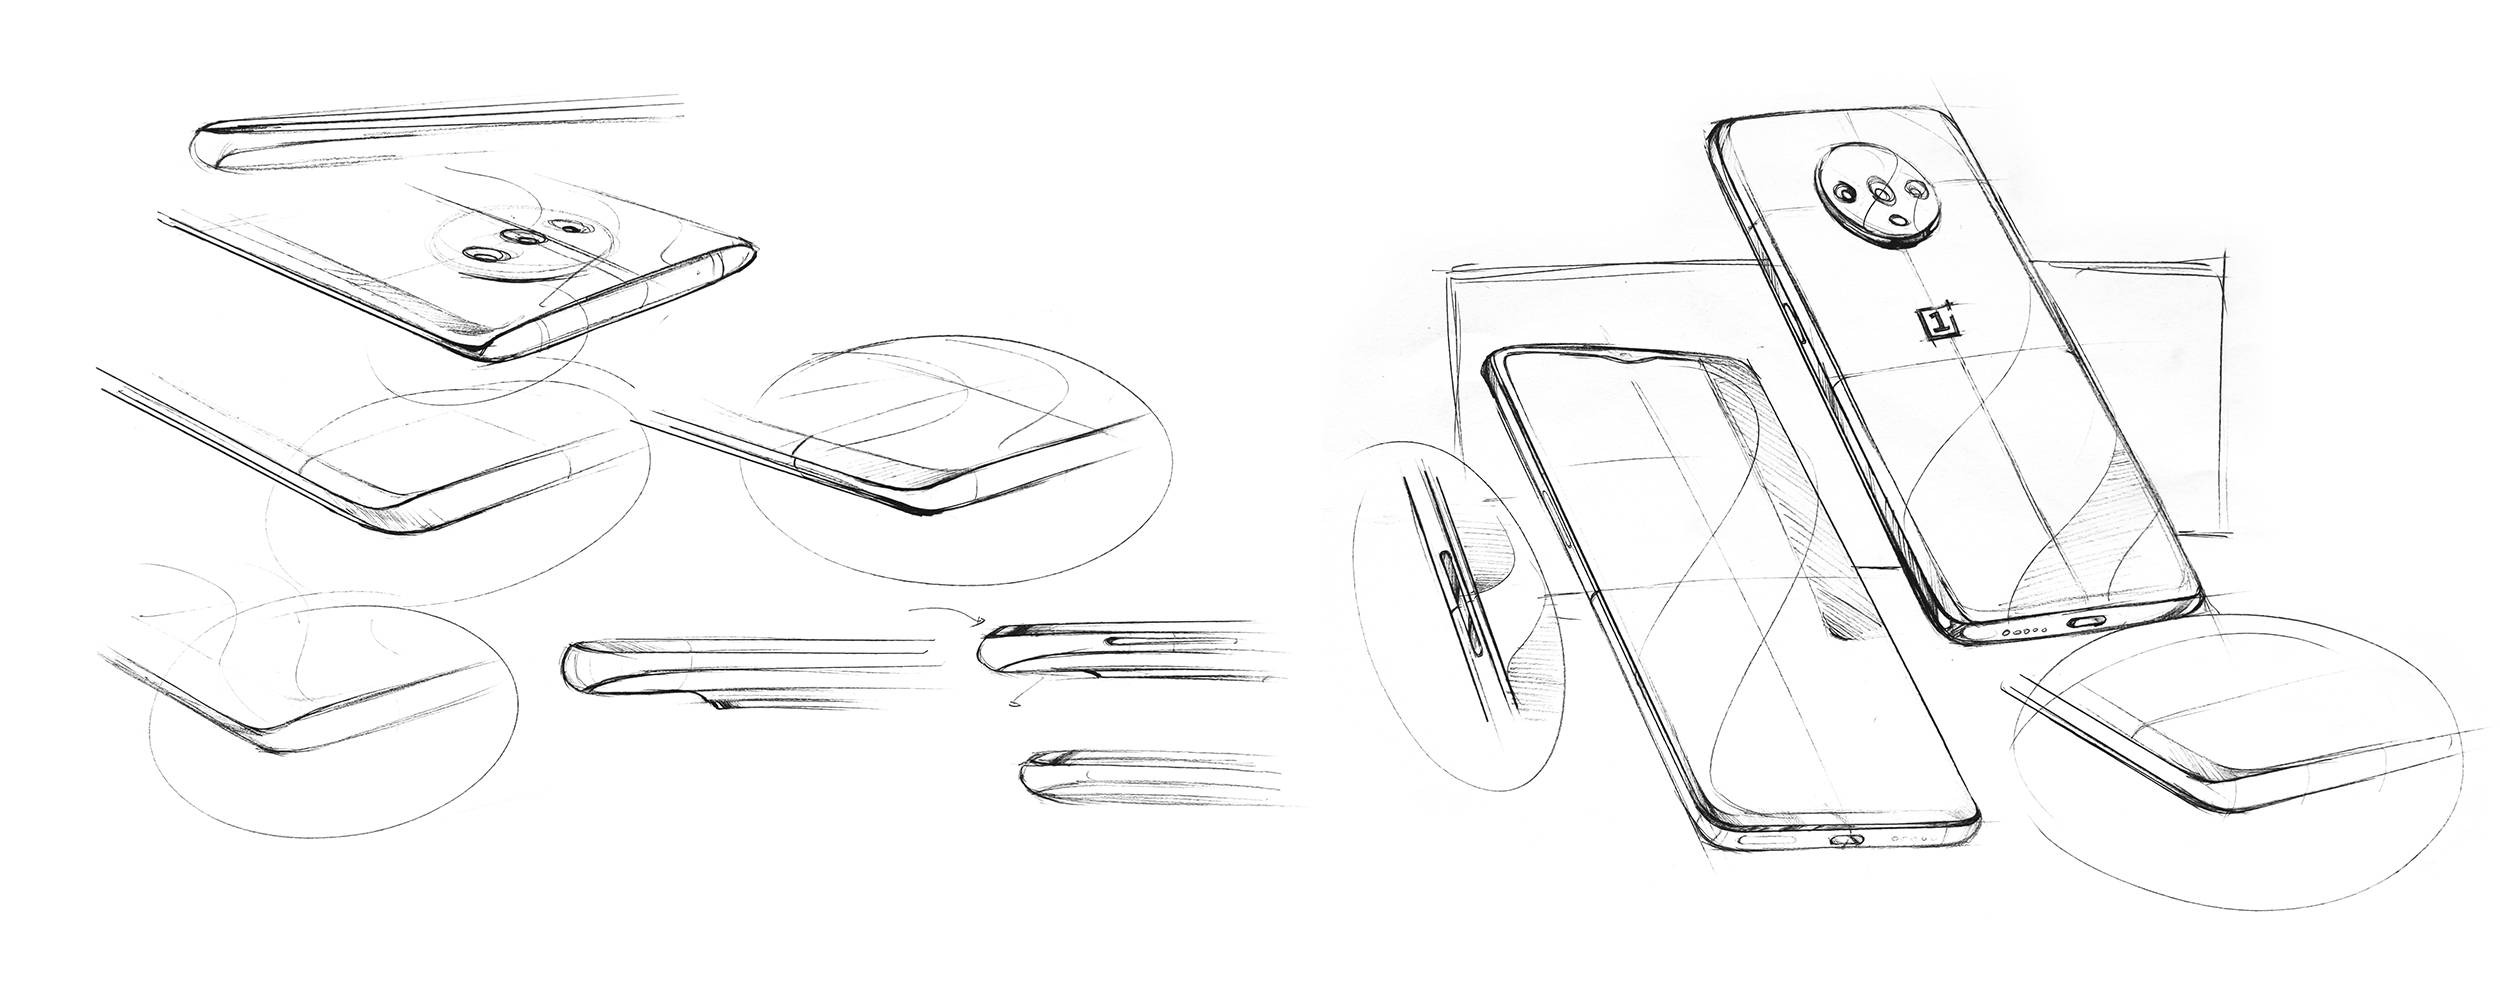 OnePlus 7T design kiedy premiera specyfikacja techniczna opinie plotki przecieki wycieki rendery